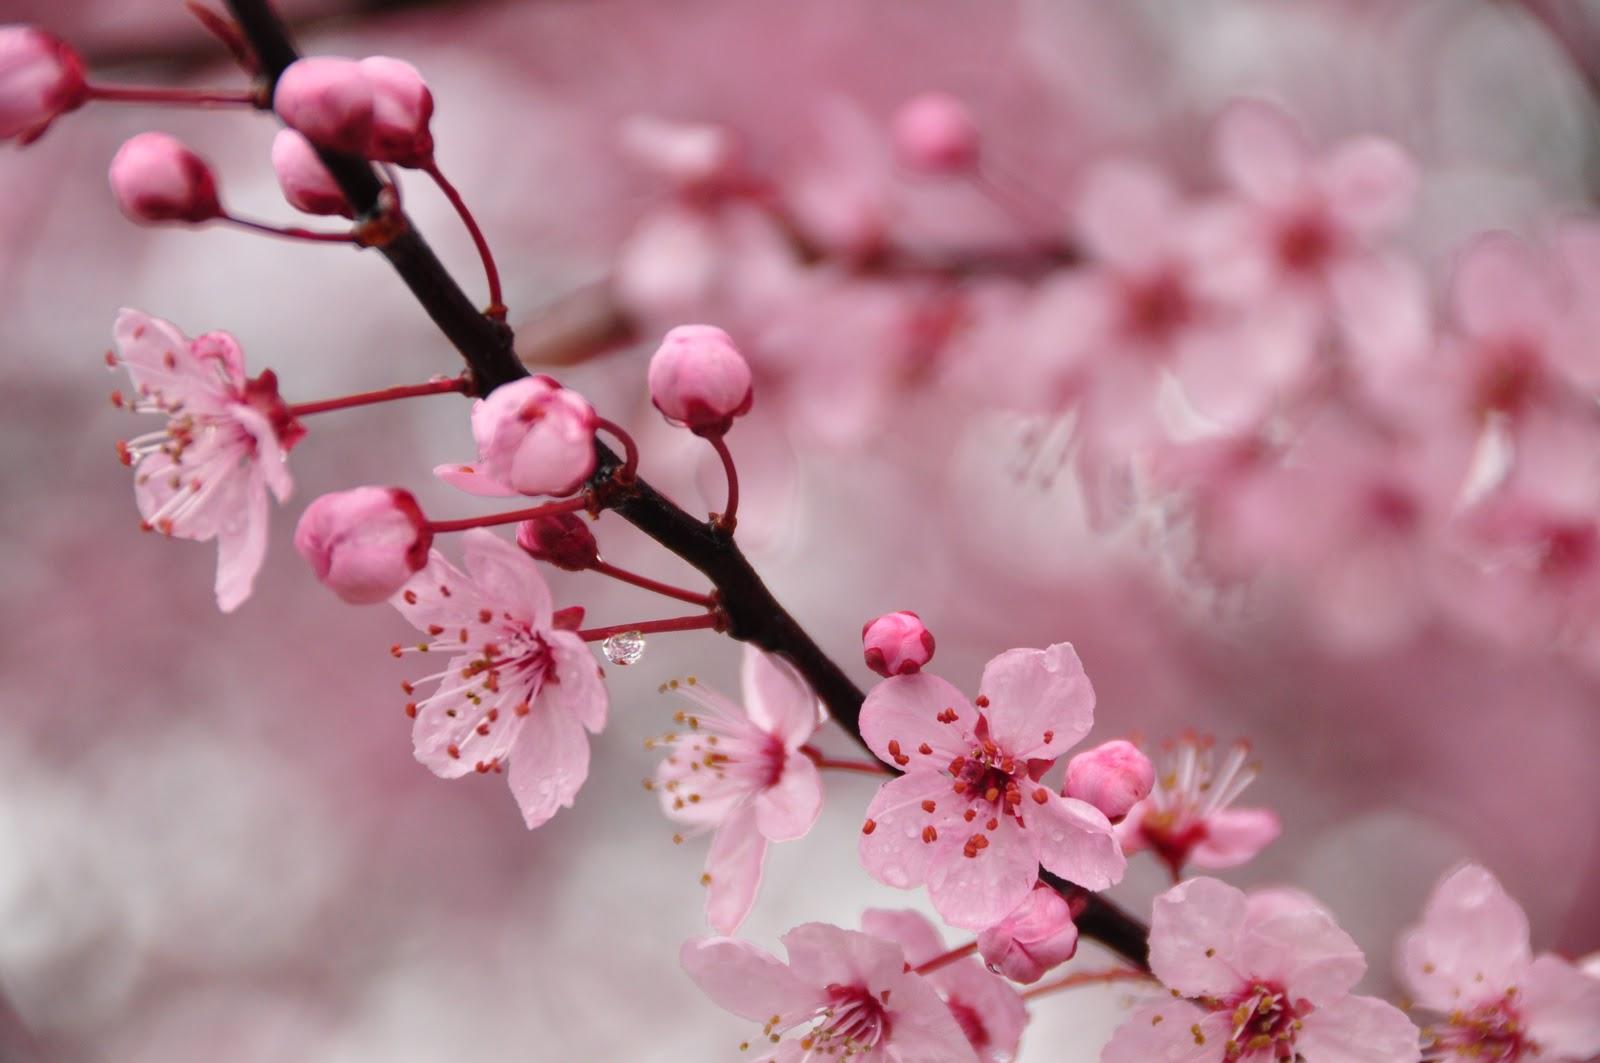 Красивые картинки с веткой сакуры